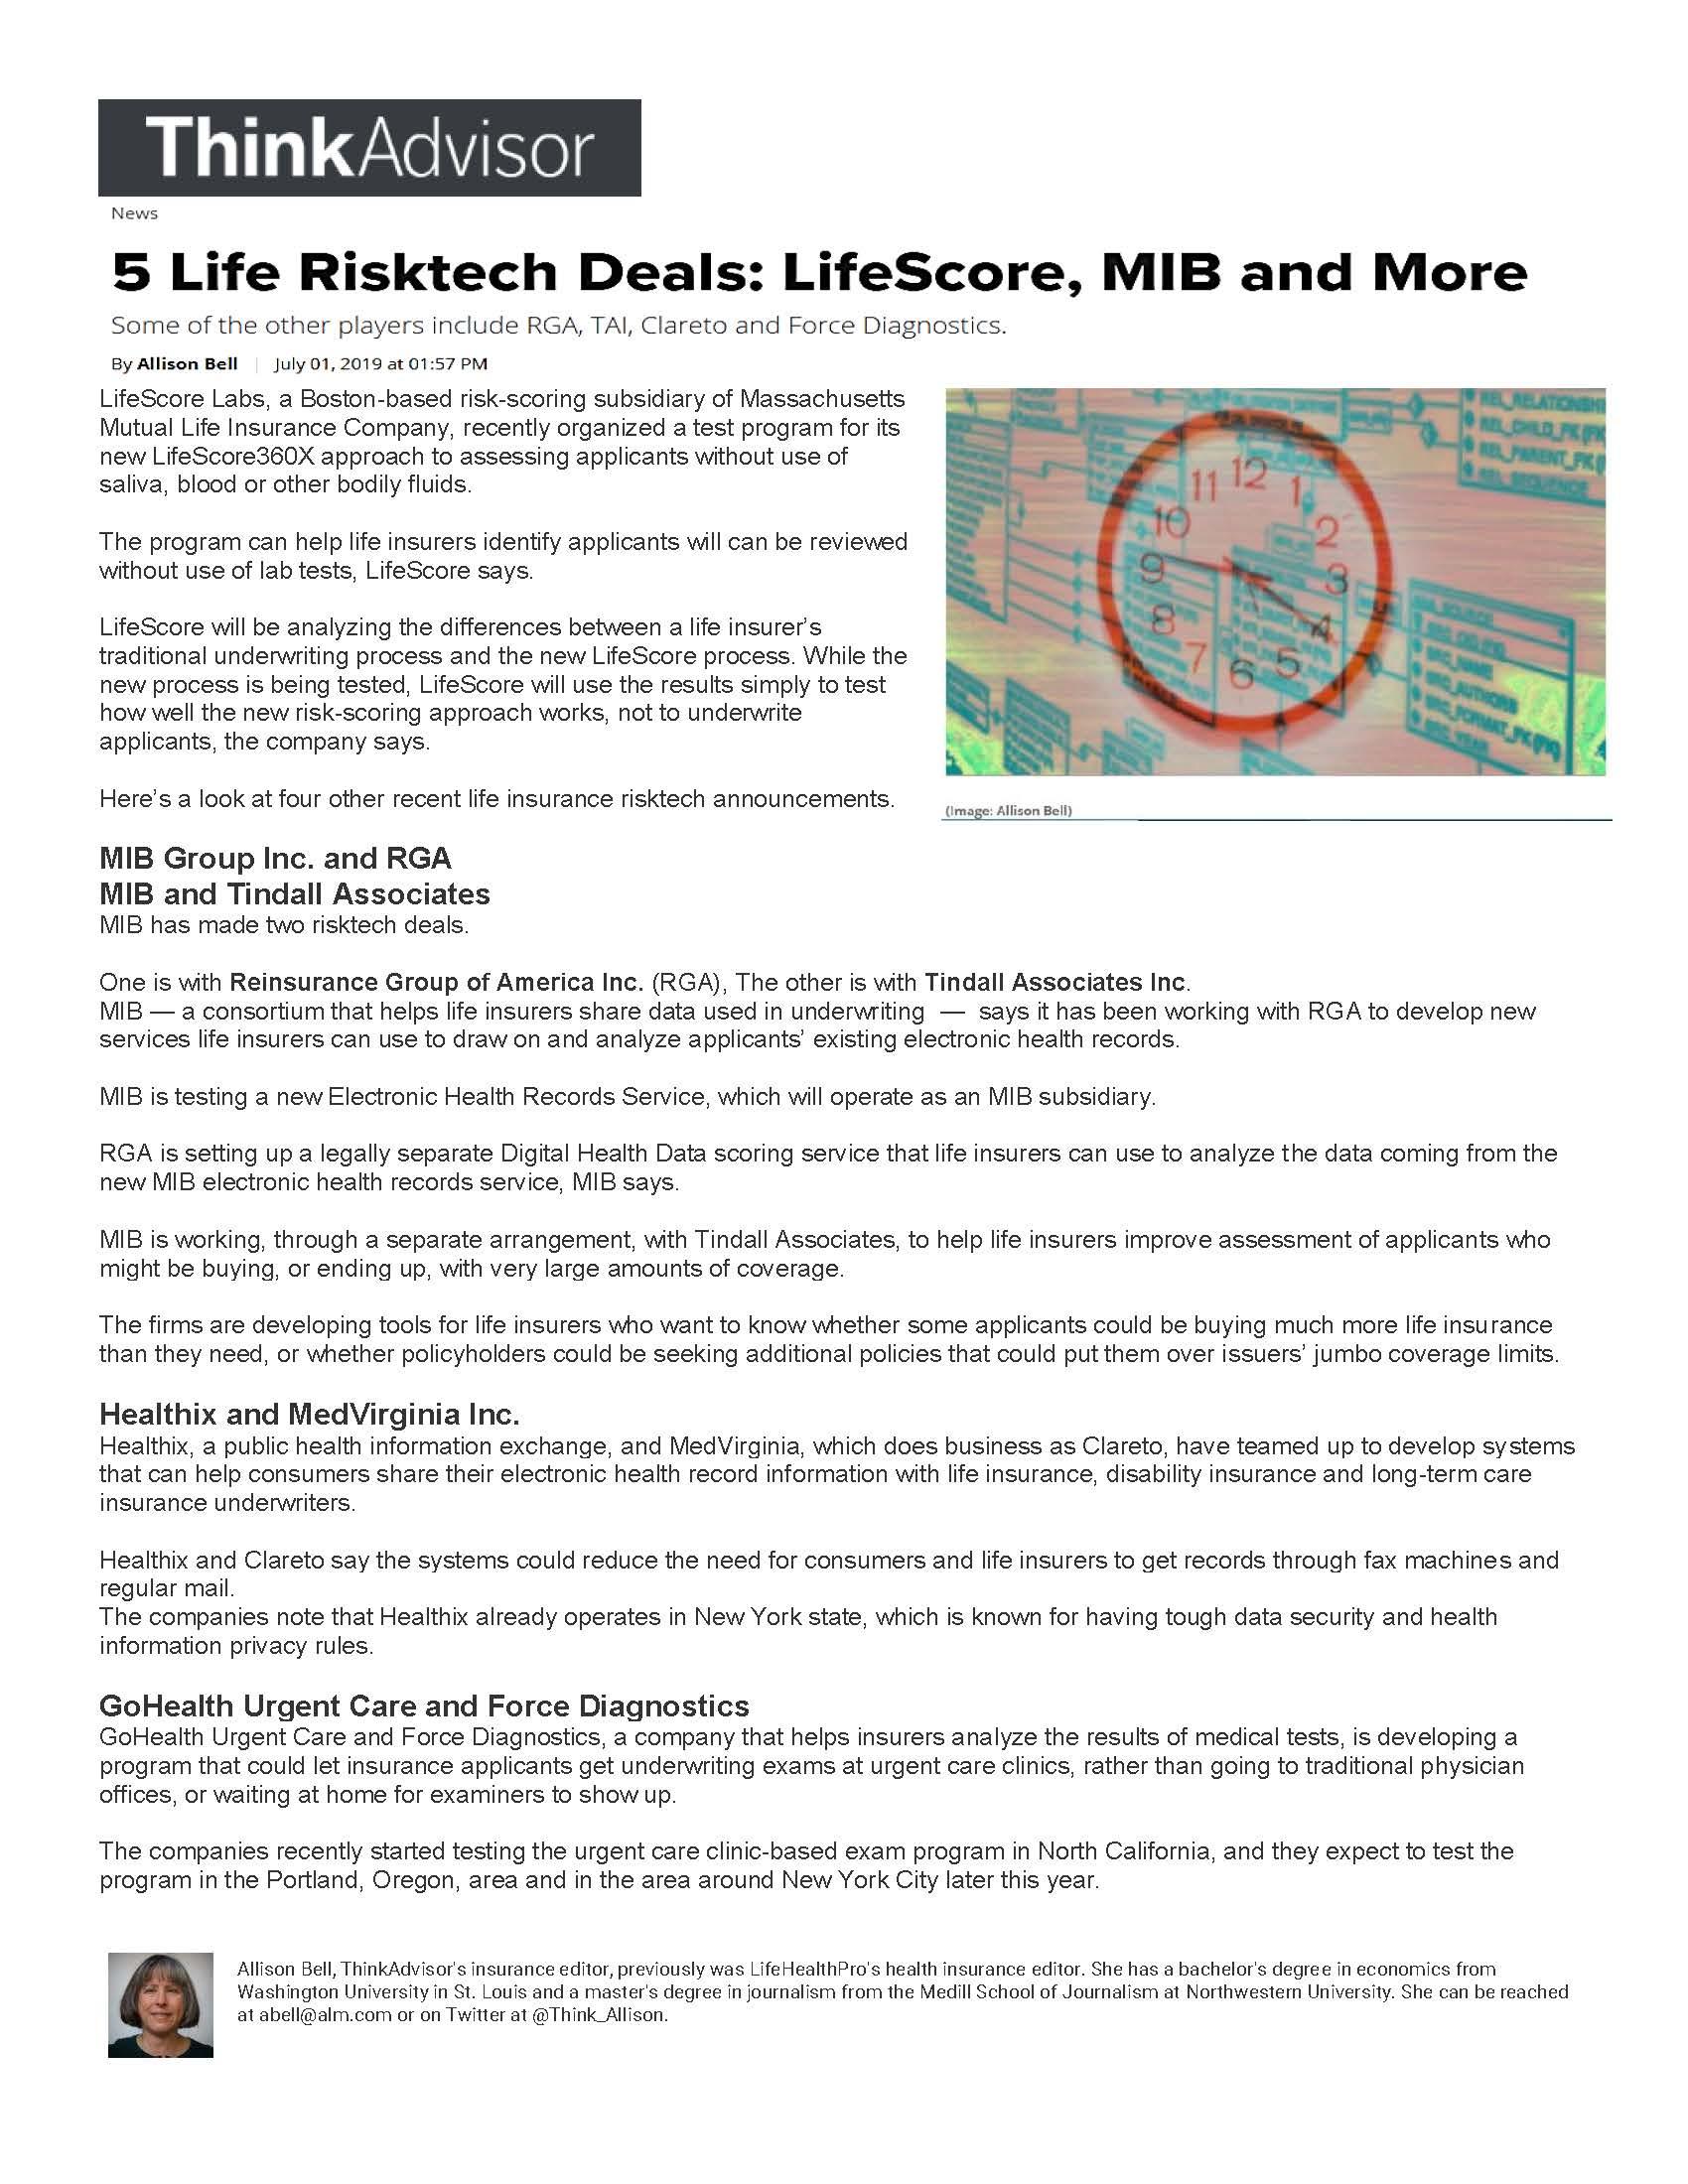 ThinkAdvisor 5 Life Risktech Deals Article 07-01-2019.jpg